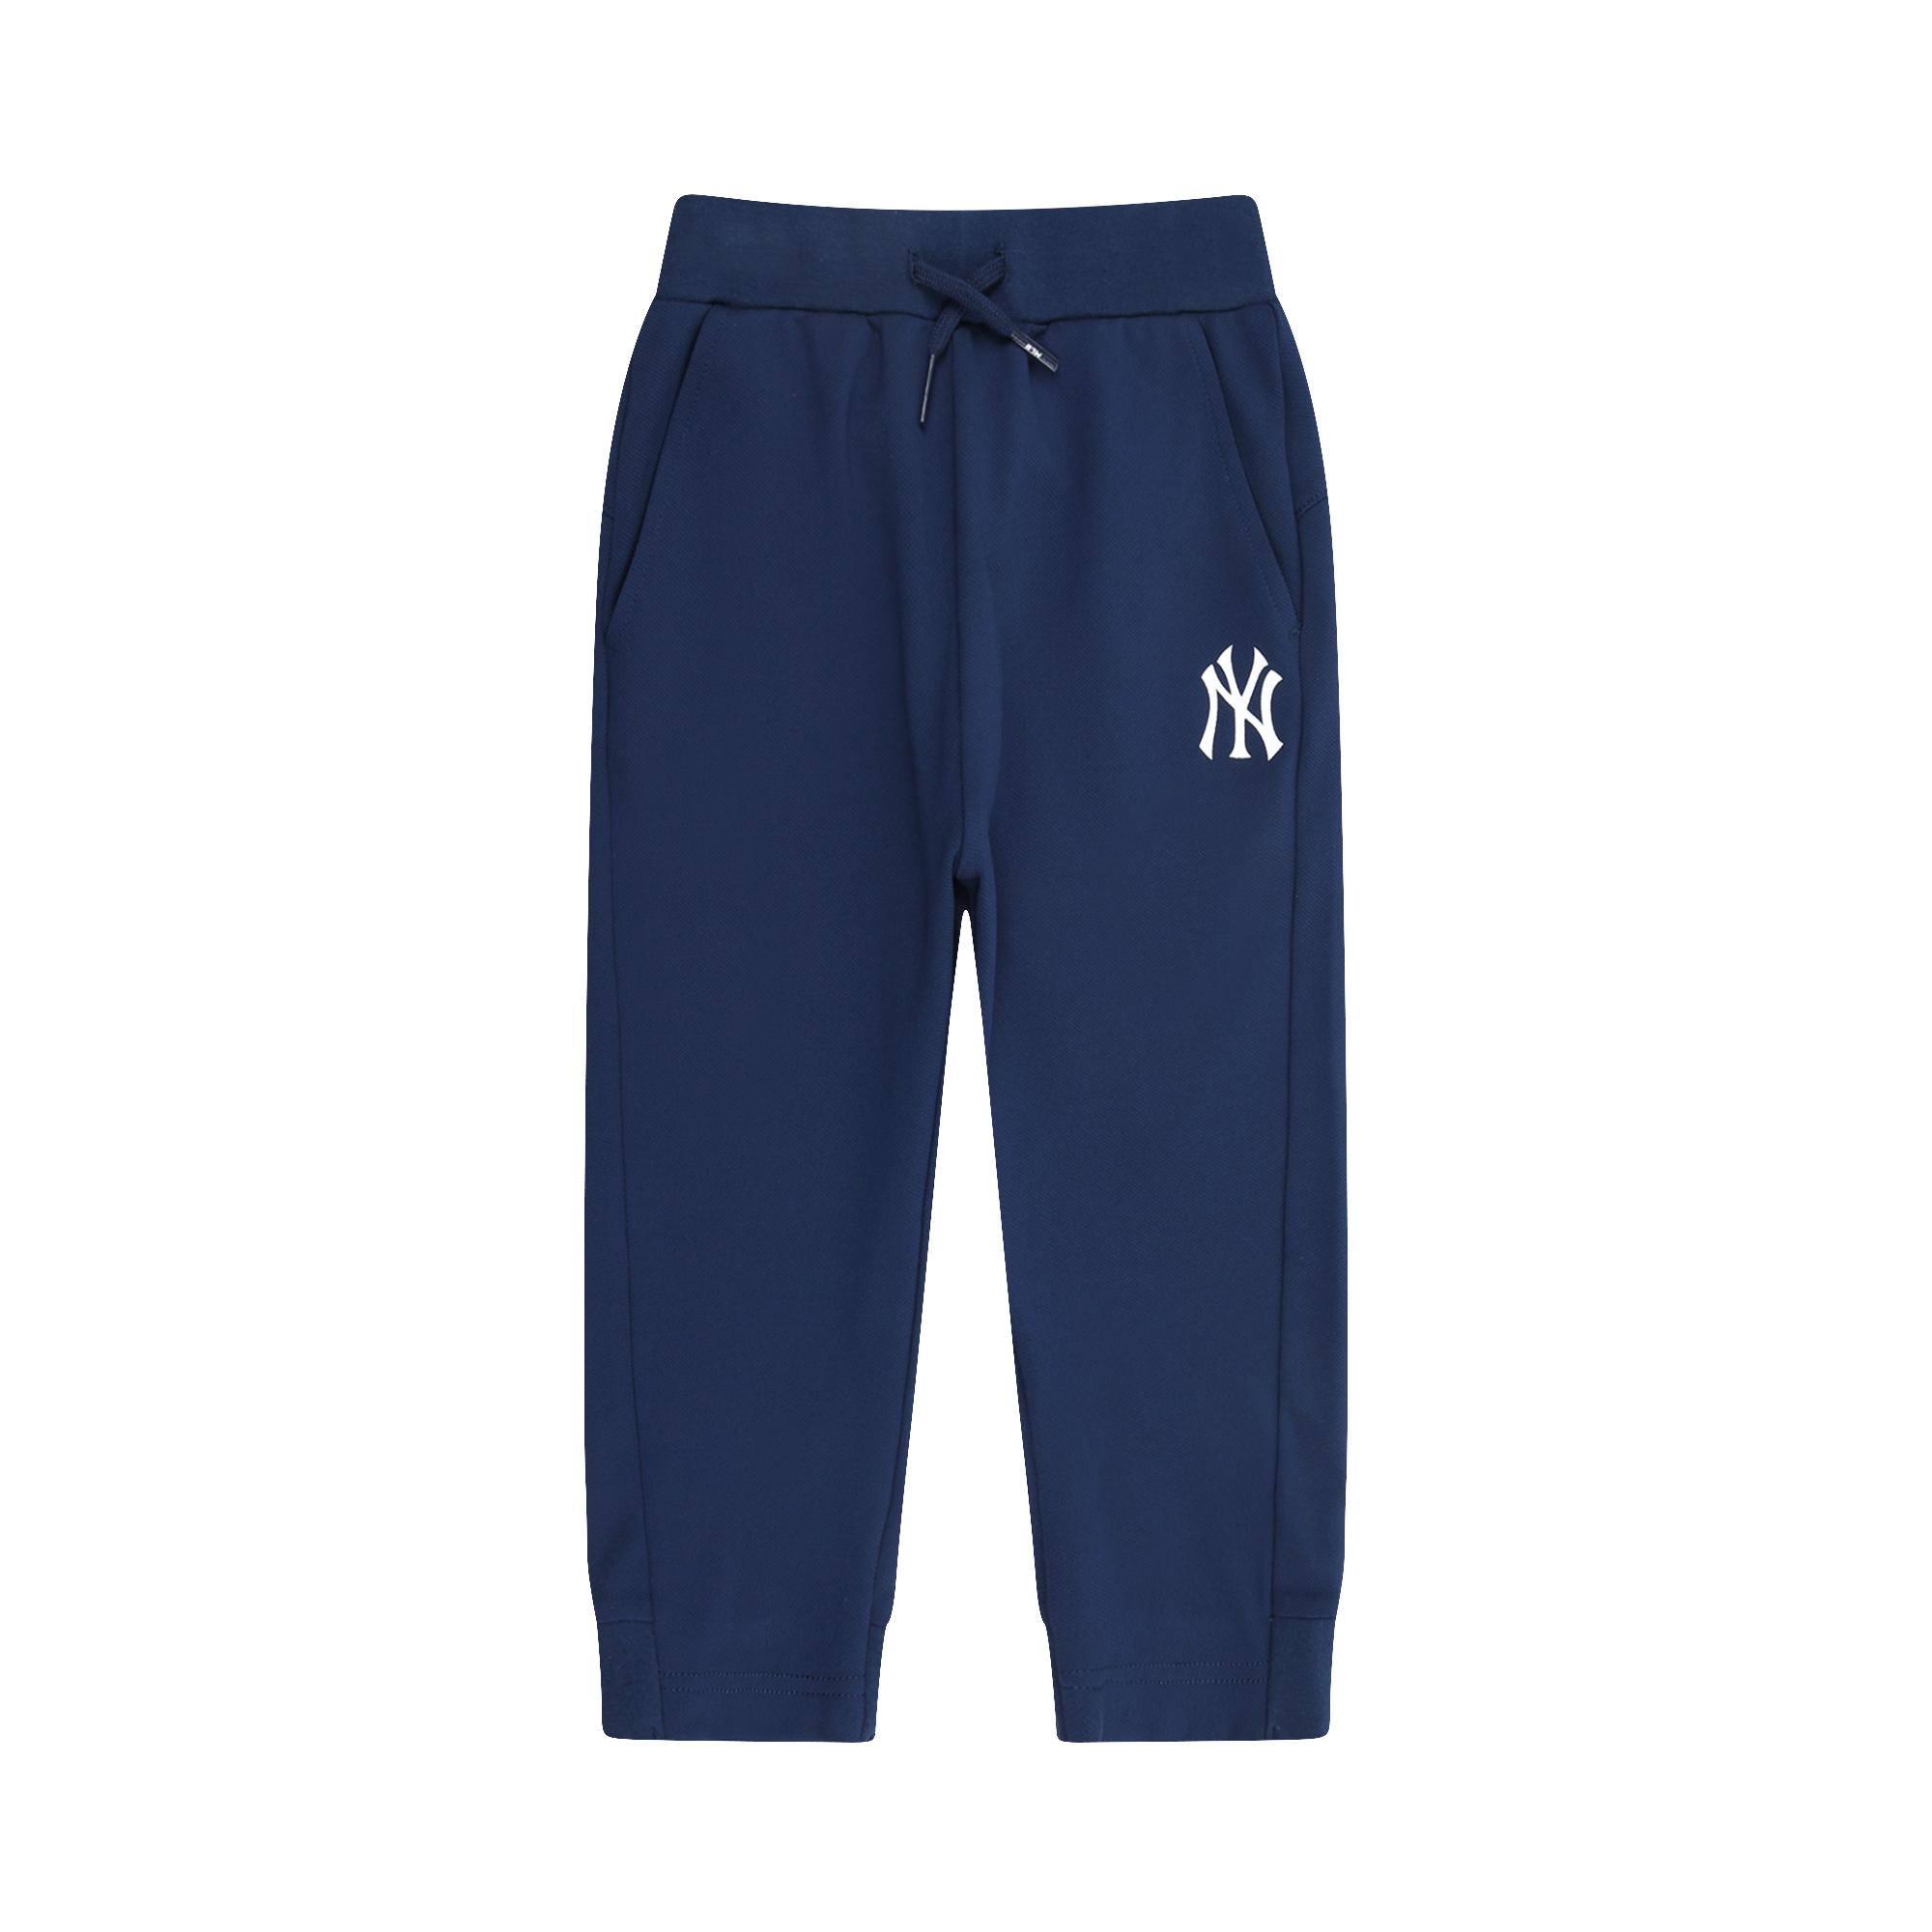 베이스볼 세트 7부 반바지 뉴욕양키스